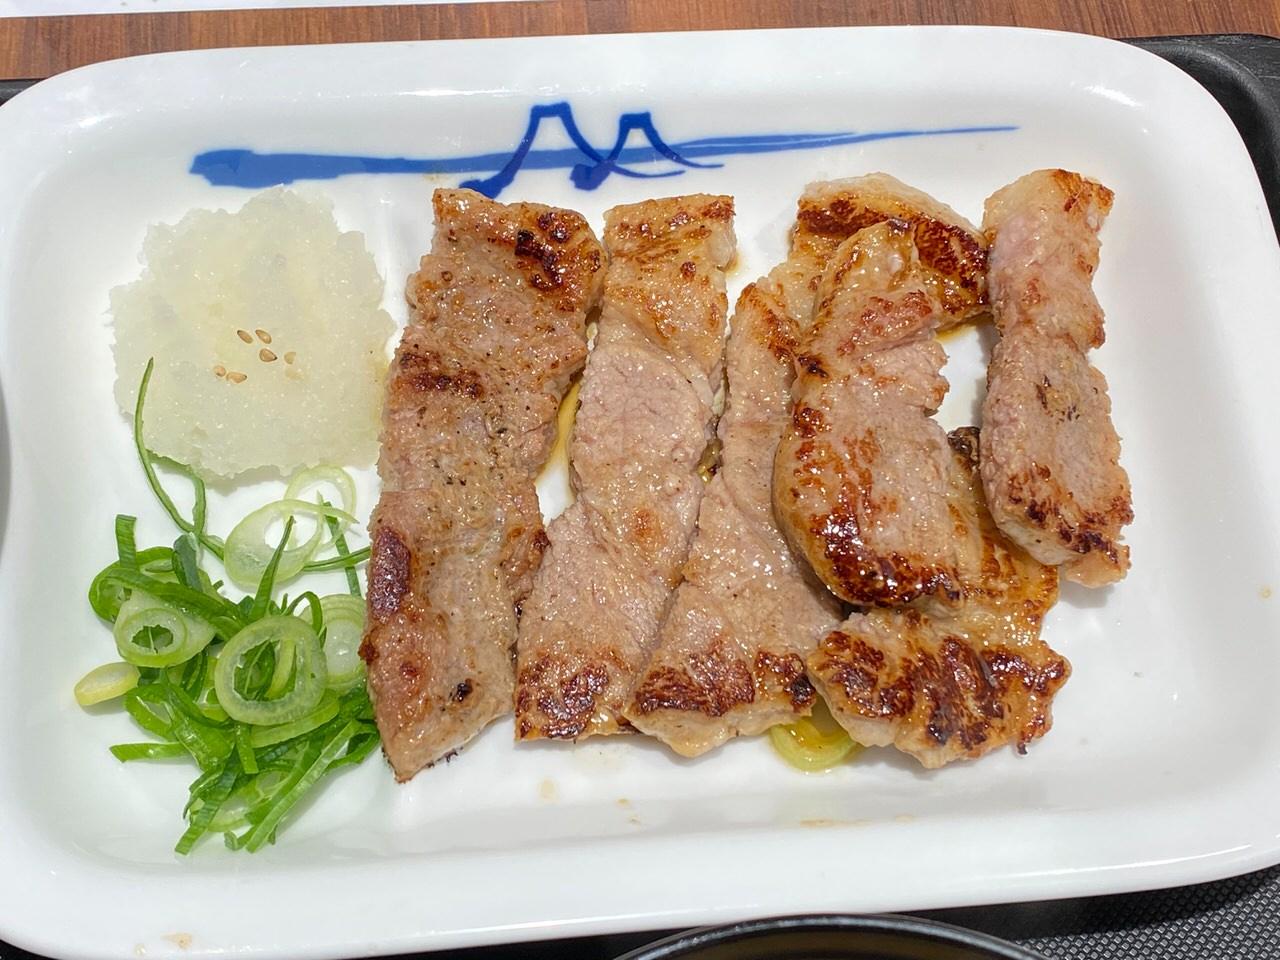 【松屋】リニューアルして厚切りになった「厚切り豚焼肉定食」 4